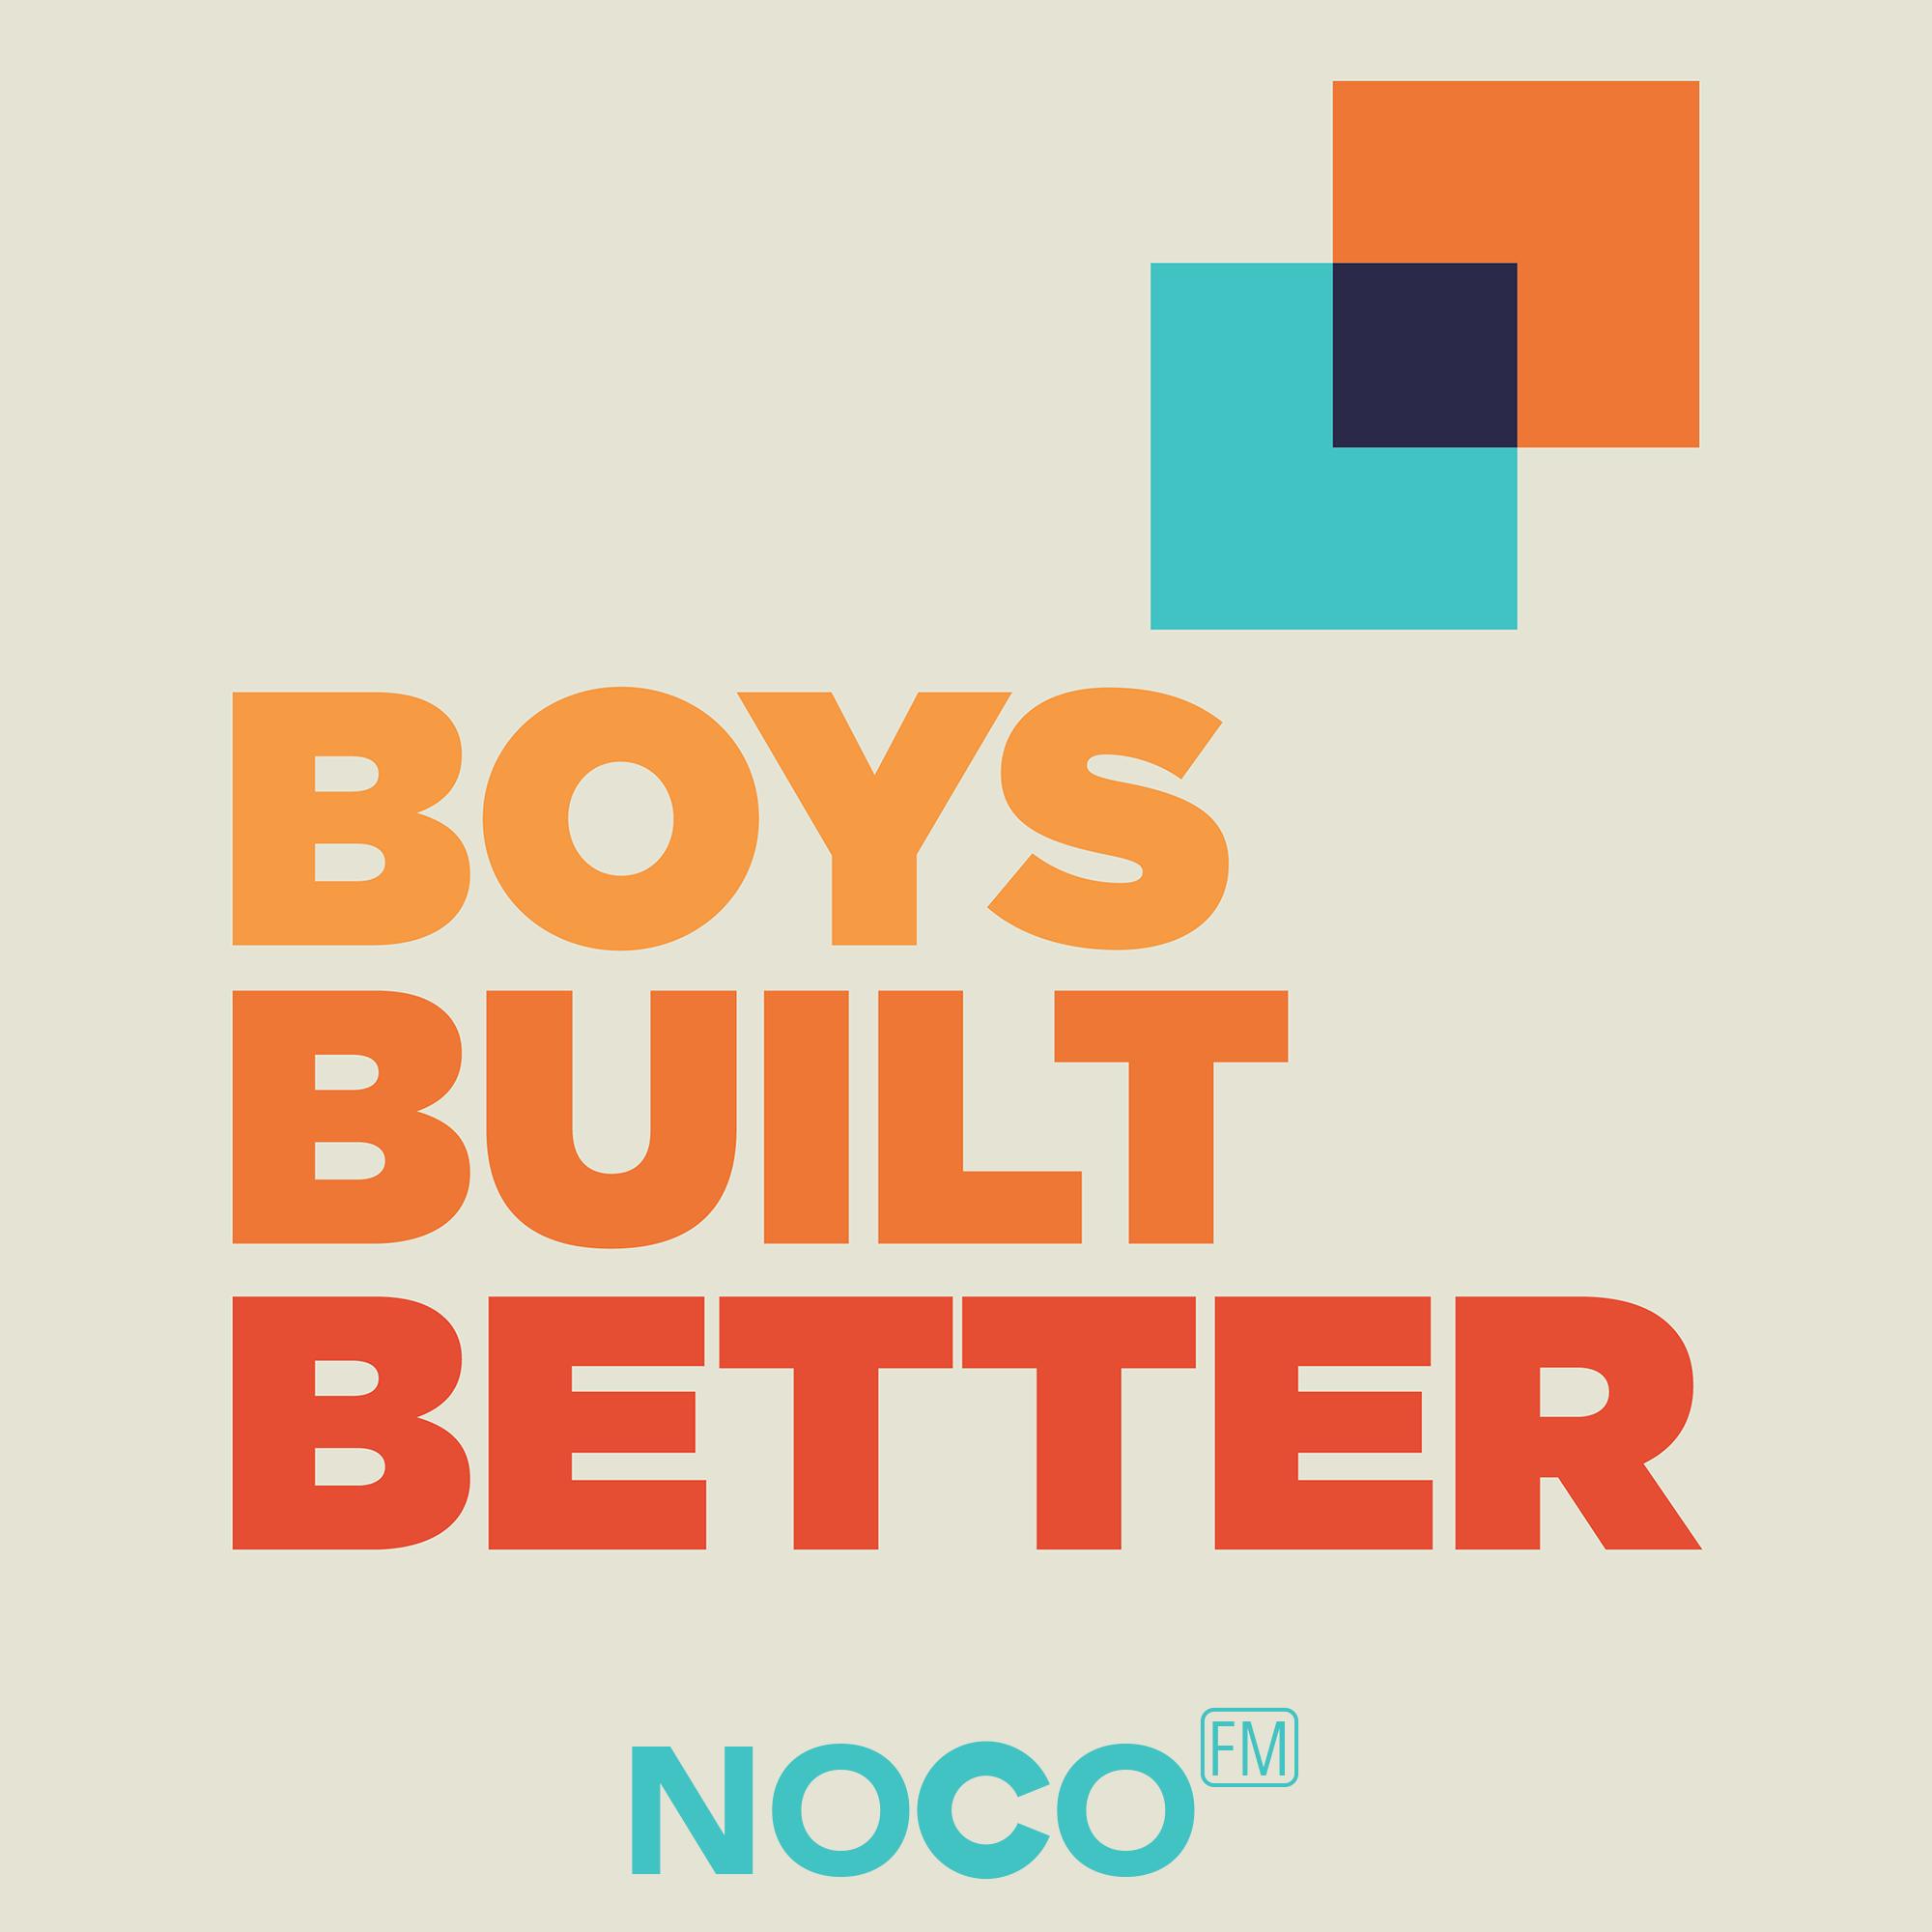 Boys Built Better